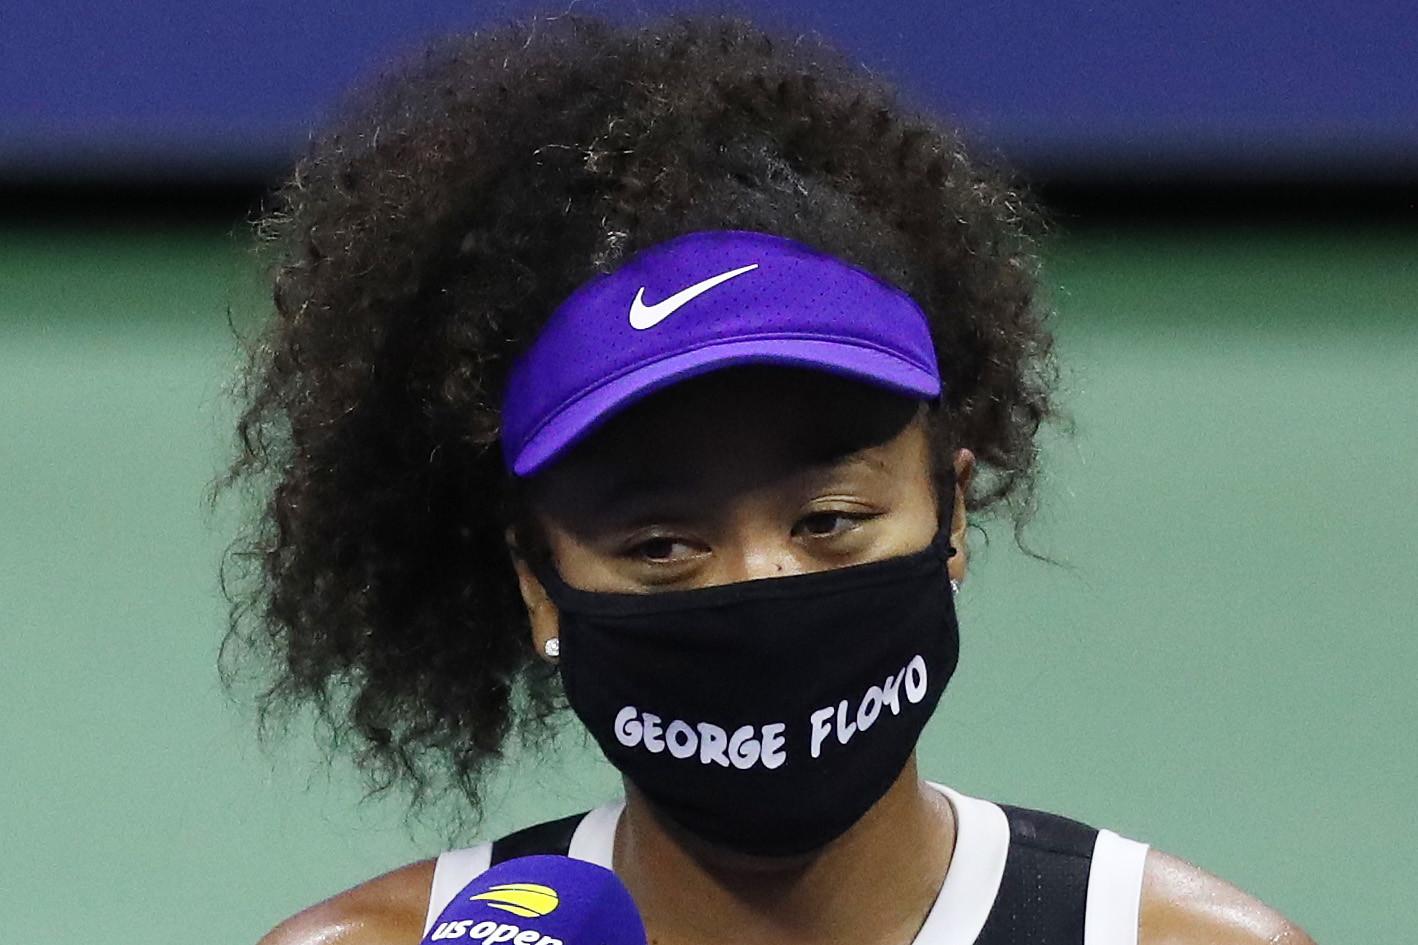 Procede senza intoppi la corsa di Naomi Osaka agli US Open. La vincitrice del 2018, parallelamente, sta portando avanti la sua personale battaglia contro il razzismo, indossando ogni volta mascherine diverse con nomi di persone afroamericane&nbsp;che hanno perso ingiustamente la vita negli ultimi anni. Nel match vinto contro Shelby Rodgers, &egrave; stata la volta di&nbsp;George Floyd, l&#39;uomo&nbsp;soffocato e ucciso dalla polizia a Minneapolis questa estate. Nei turni precedenti, la campionessa giapponese aveva ricordato&nbsp;Breonna Taylor, Elijah McClain, Ahmaud Arbery e Trayvon Martin. &quot;I giornali e i siti web spesso riportano solo un lato delle cose.&nbsp;Vorrei che ci si informasse di pi&ugrave; prima di parlare di questi argomenti, o di qualunque altro argomento.&nbsp;Questo gesto &egrave; soprattutto per la sua famiglia&rdquo;.<br /><br />